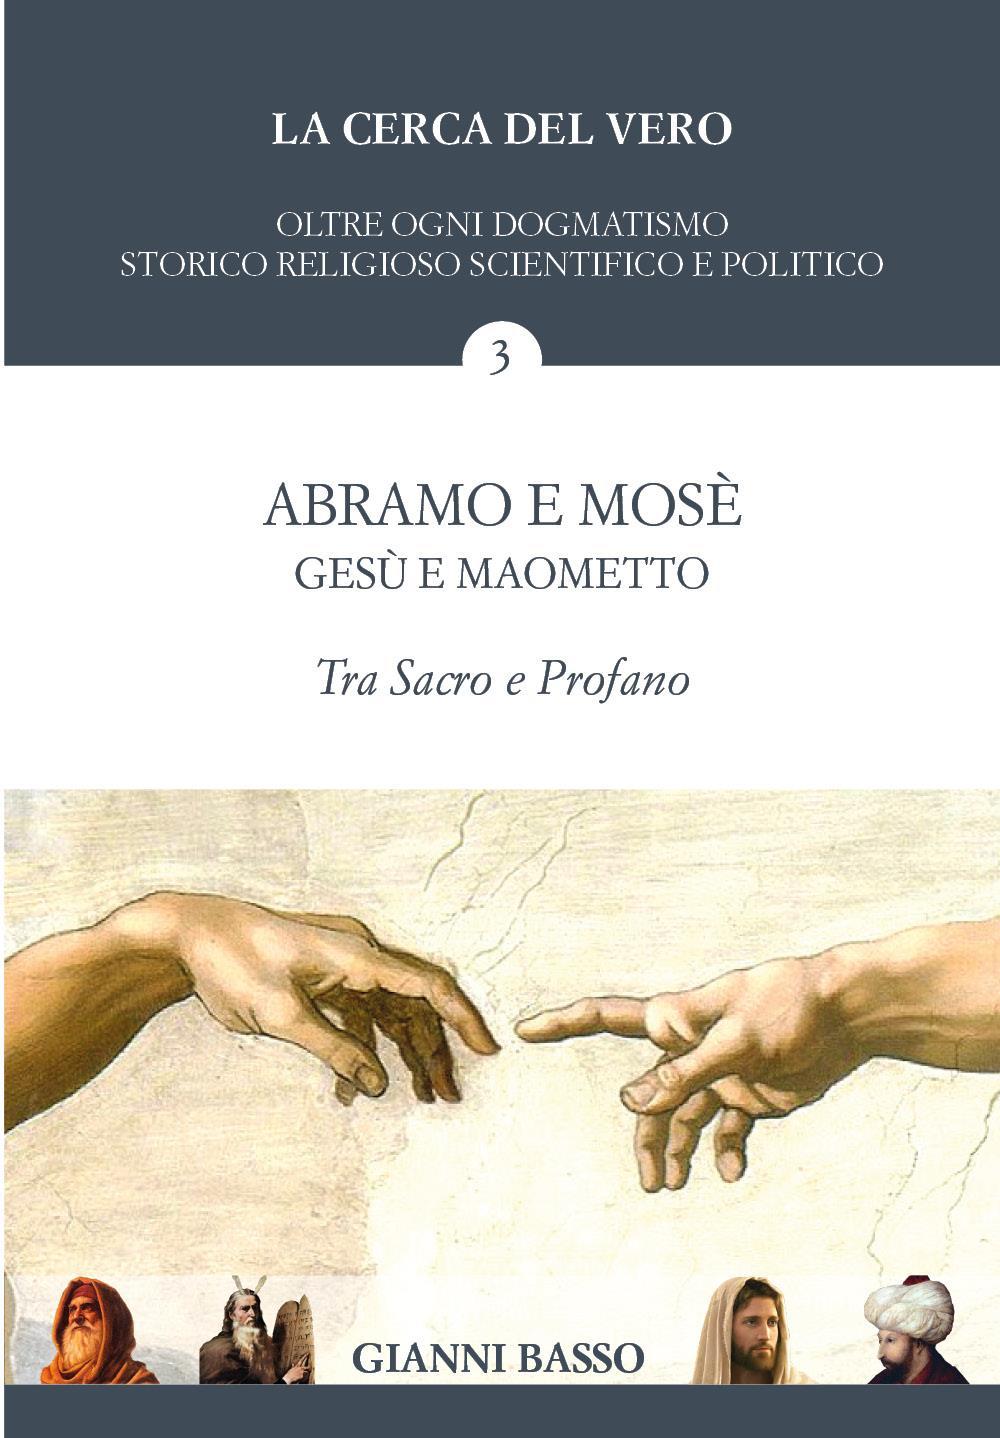 Abramo e Mosè, Gesù e Maometto: Tra sacro e profano